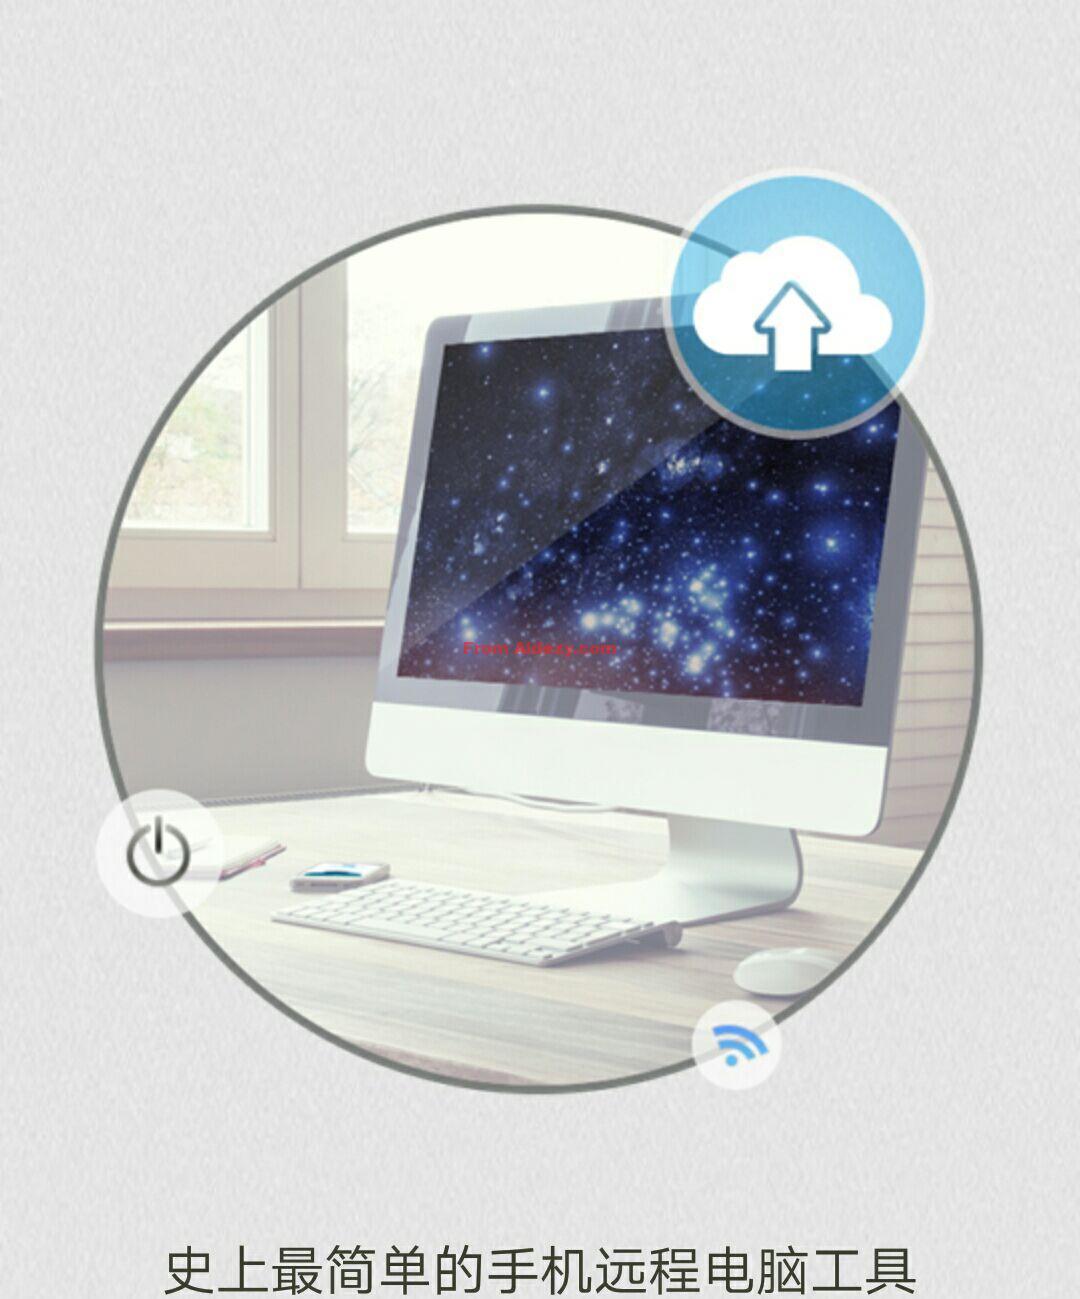 远程桌面连接助手 下载专区 第1张